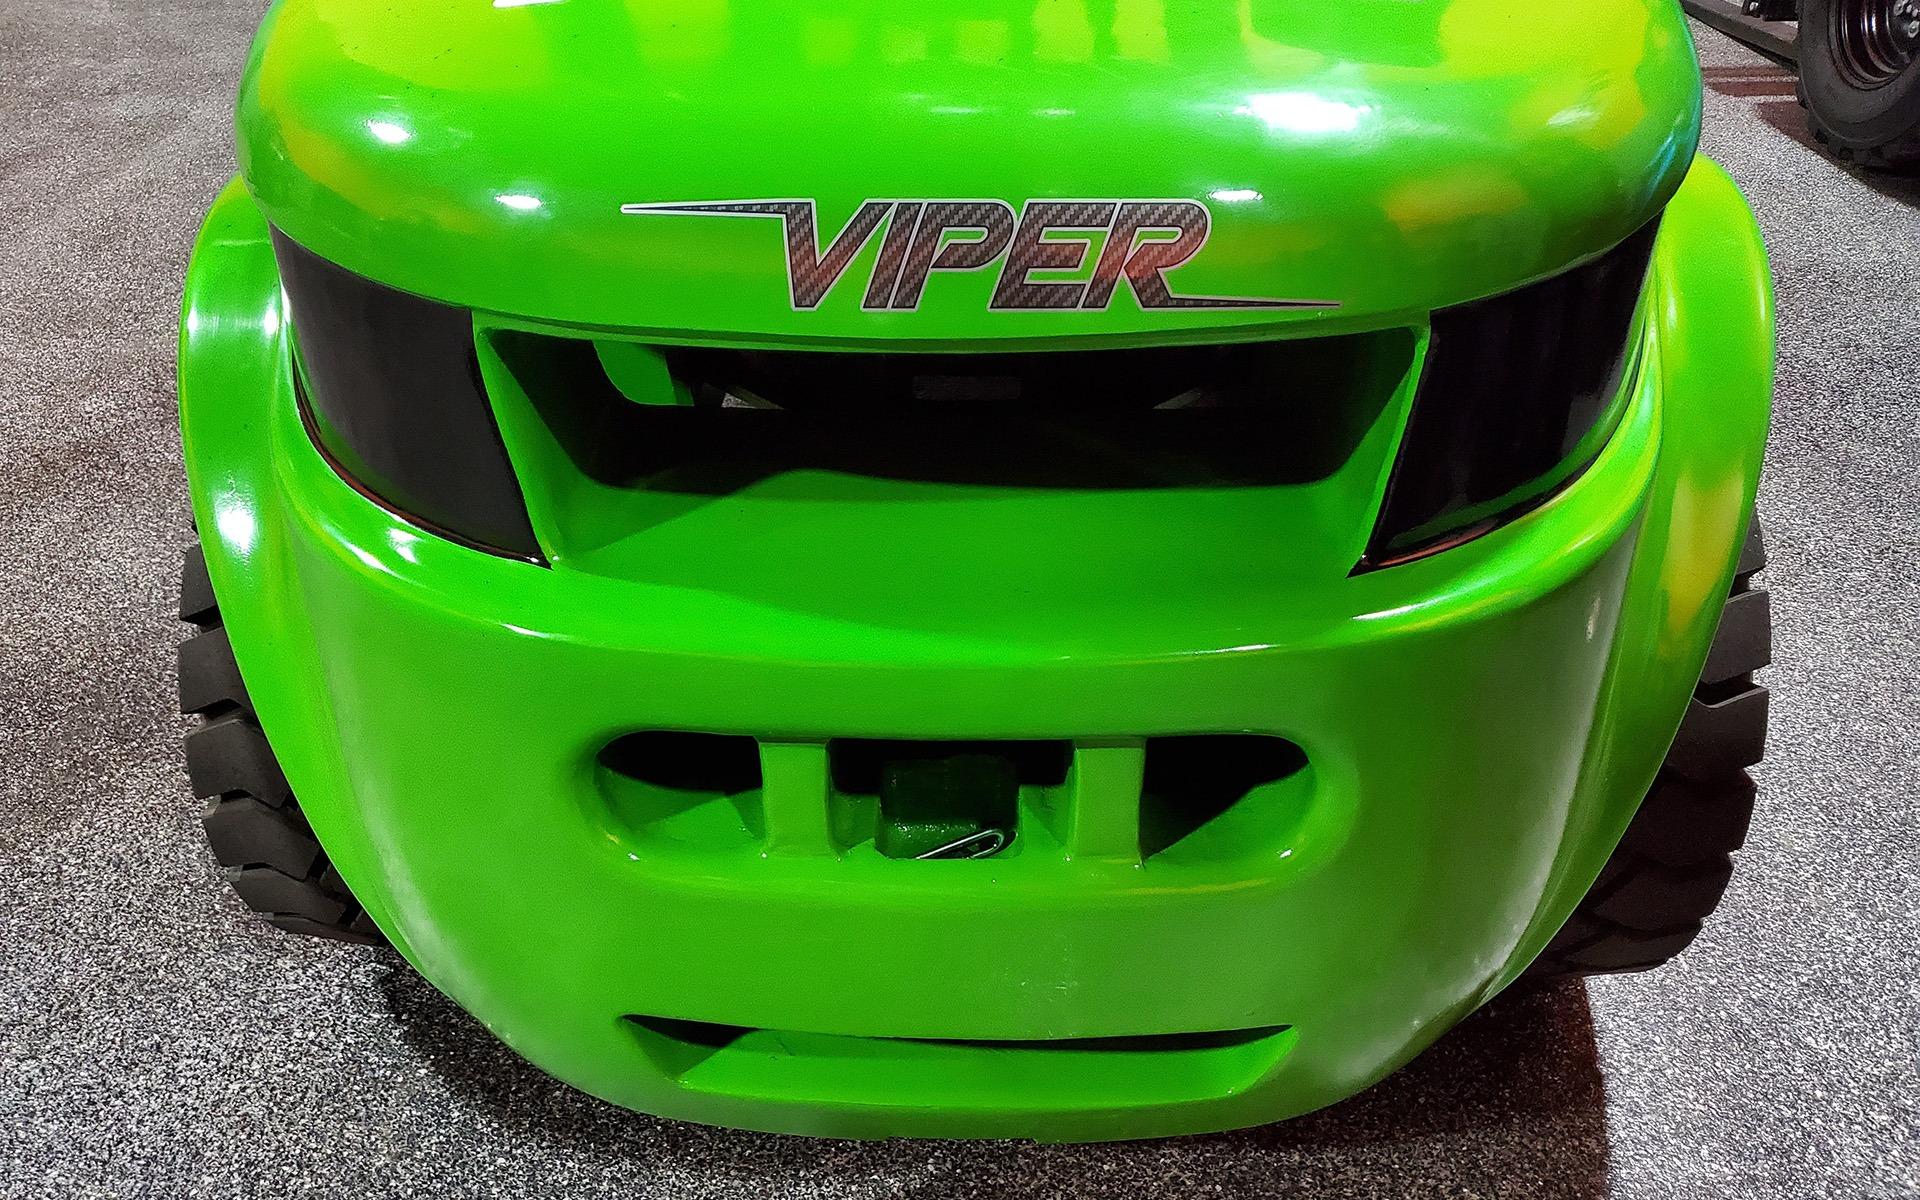 New 2021 VIPER RTD35    Cary, IL